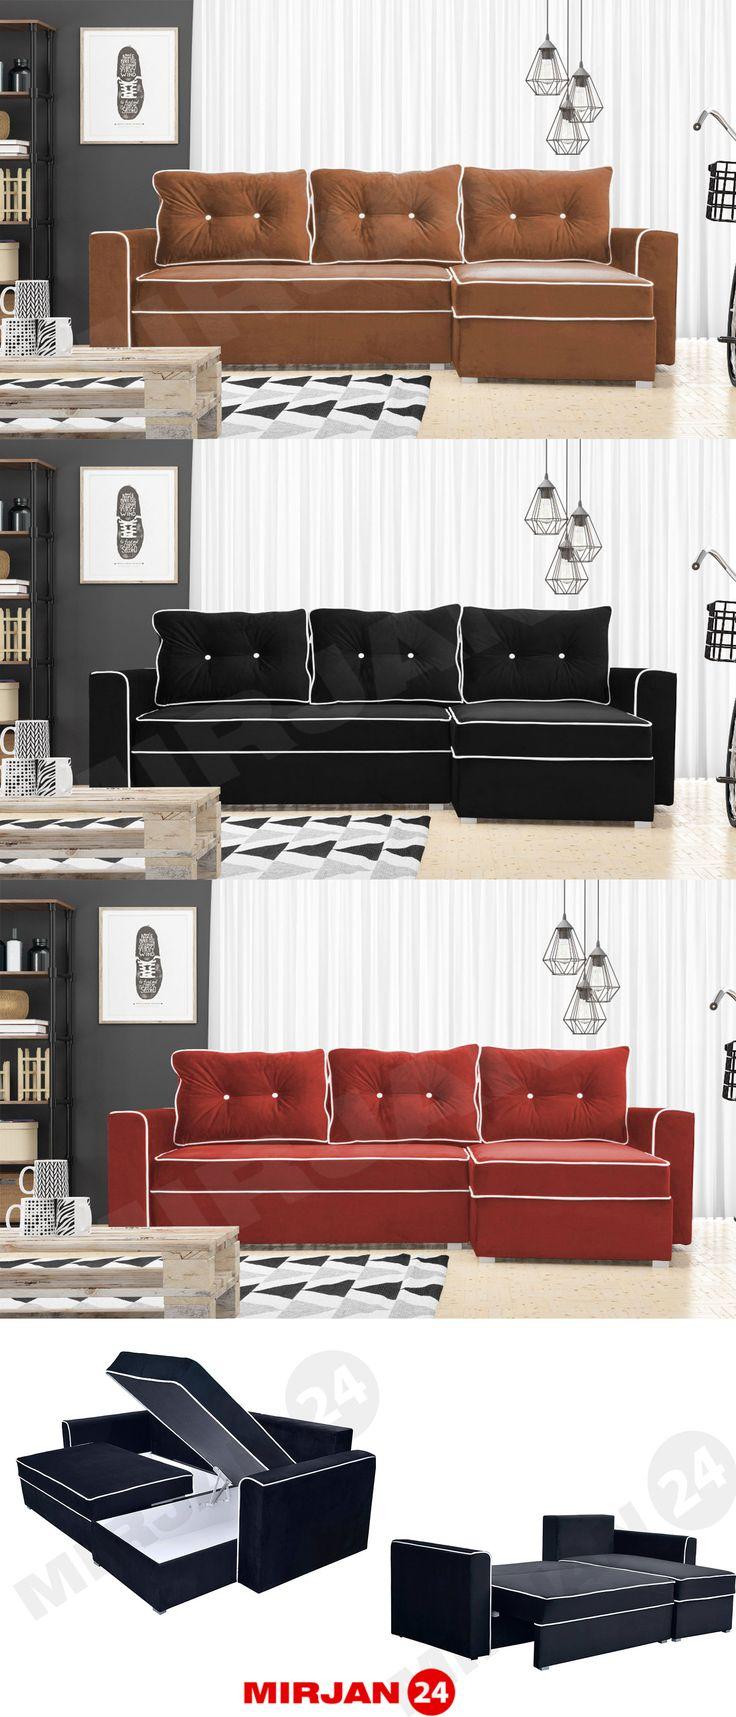 Which colour does the Back corner look best in? Choose your type! Enter the image after more.  W którym kolorze narożnik Back wygląda najlepiej? Wybierz swój typ! Wejdź w obraz po więcej.  #mirjan24 #cornersofa #narożnik #funkcjaspania #livingroom #salon